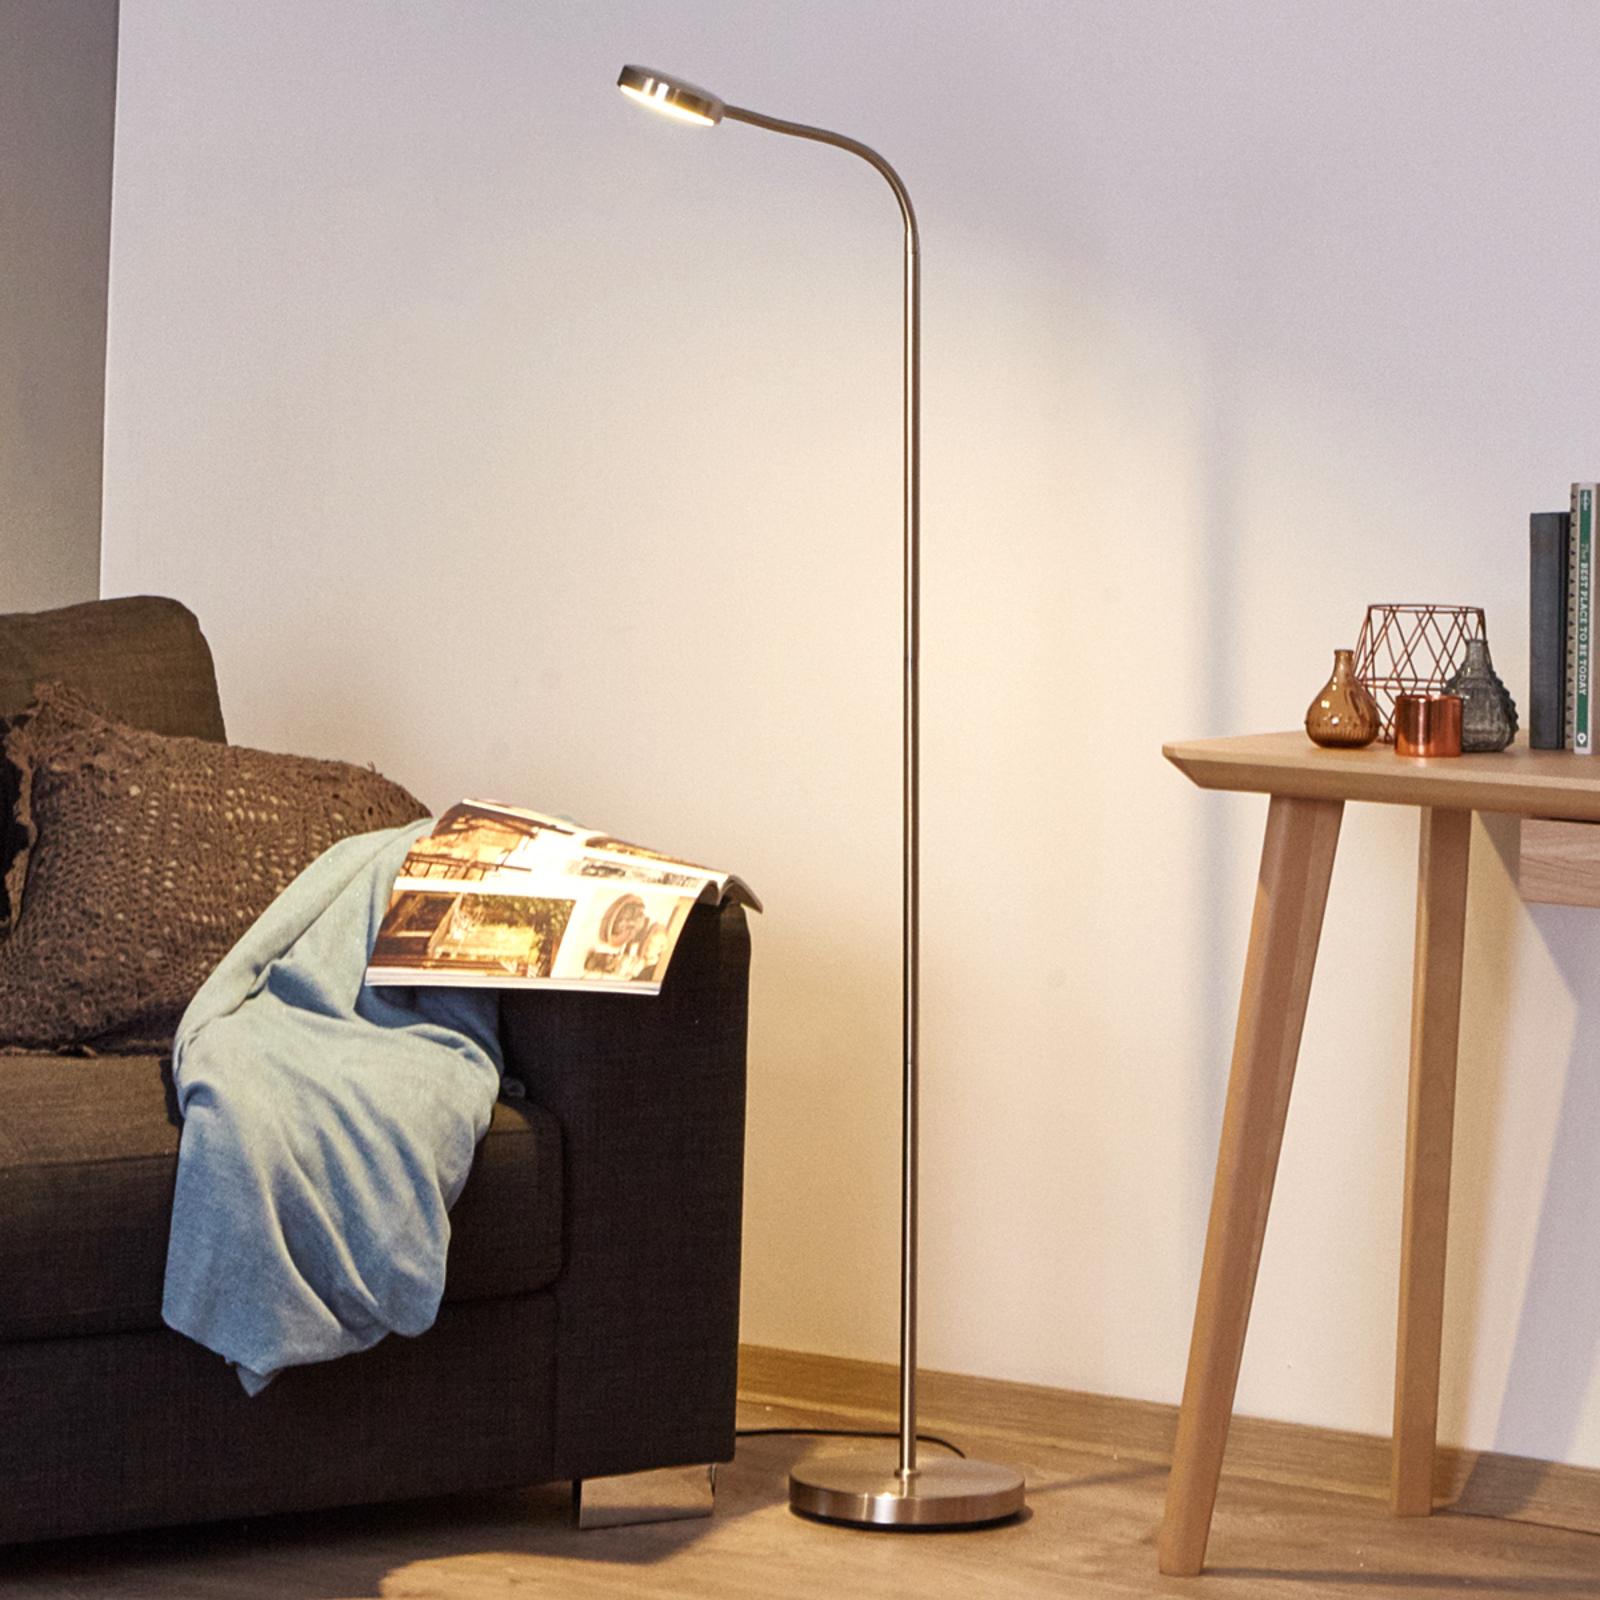 Praktisk LED-leselys med svanehals